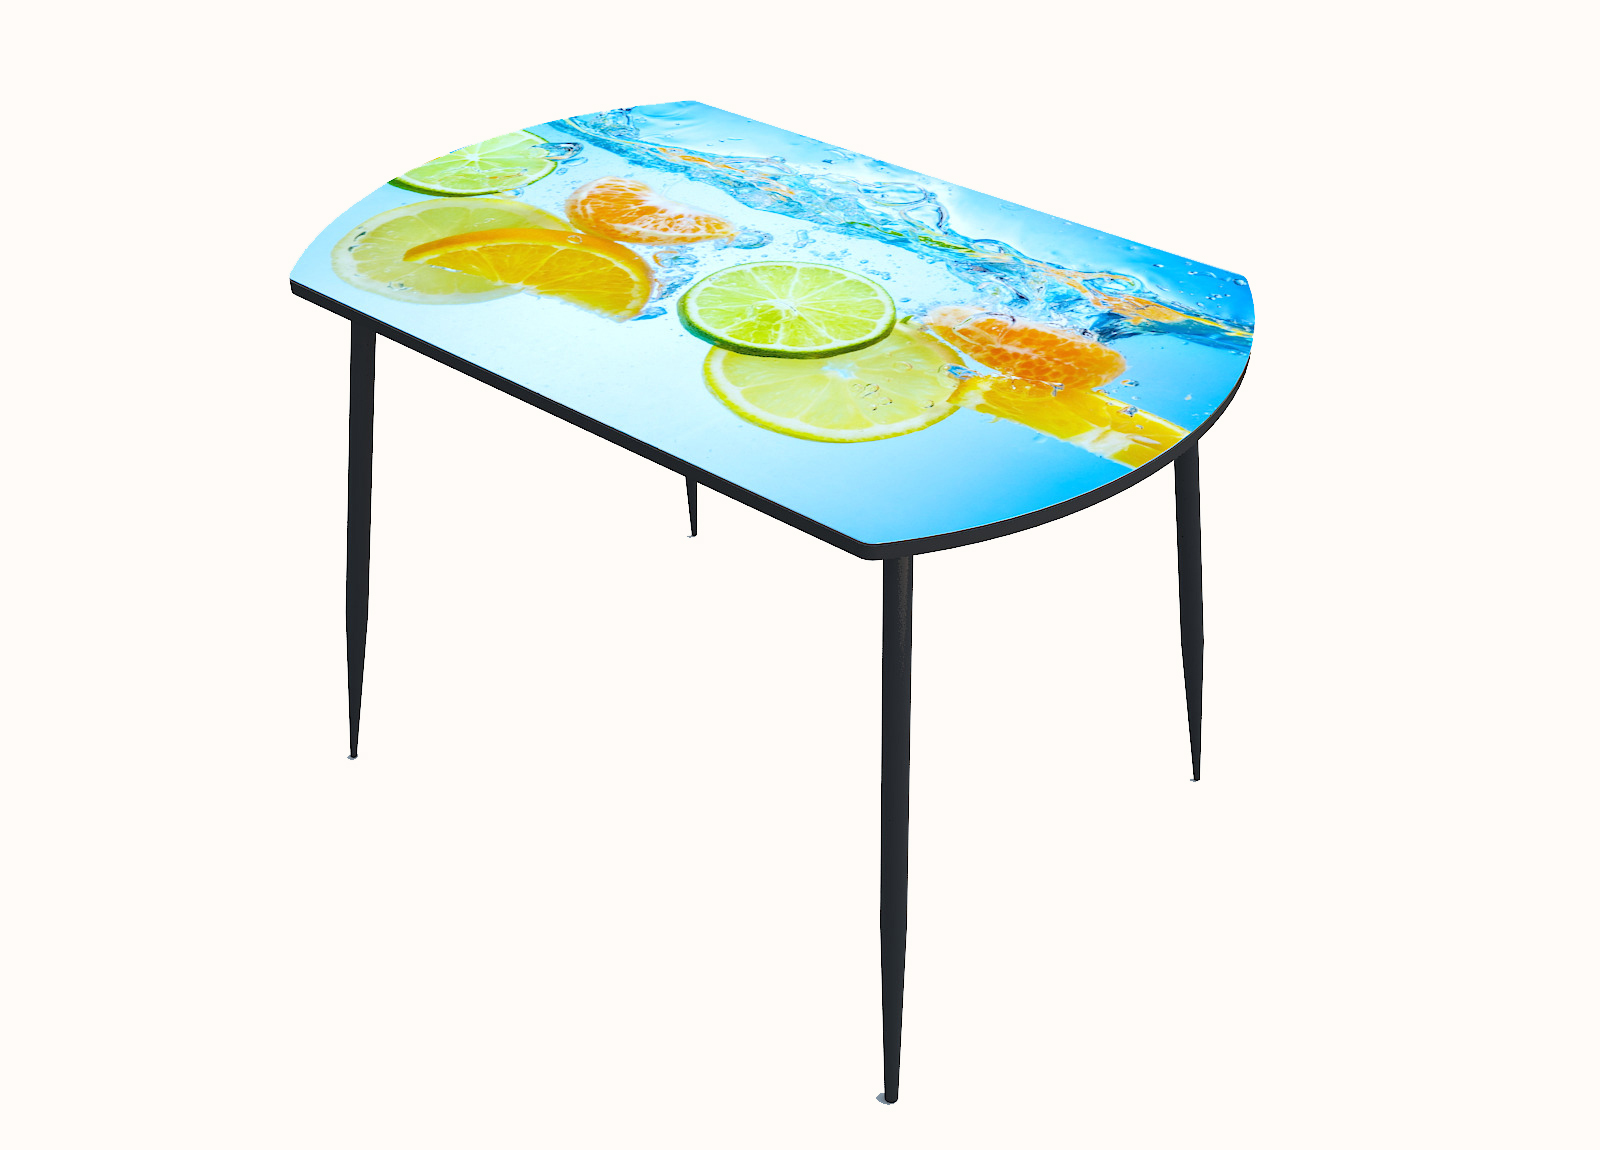 Стол стекло фотопечать Фрукты в воде 019